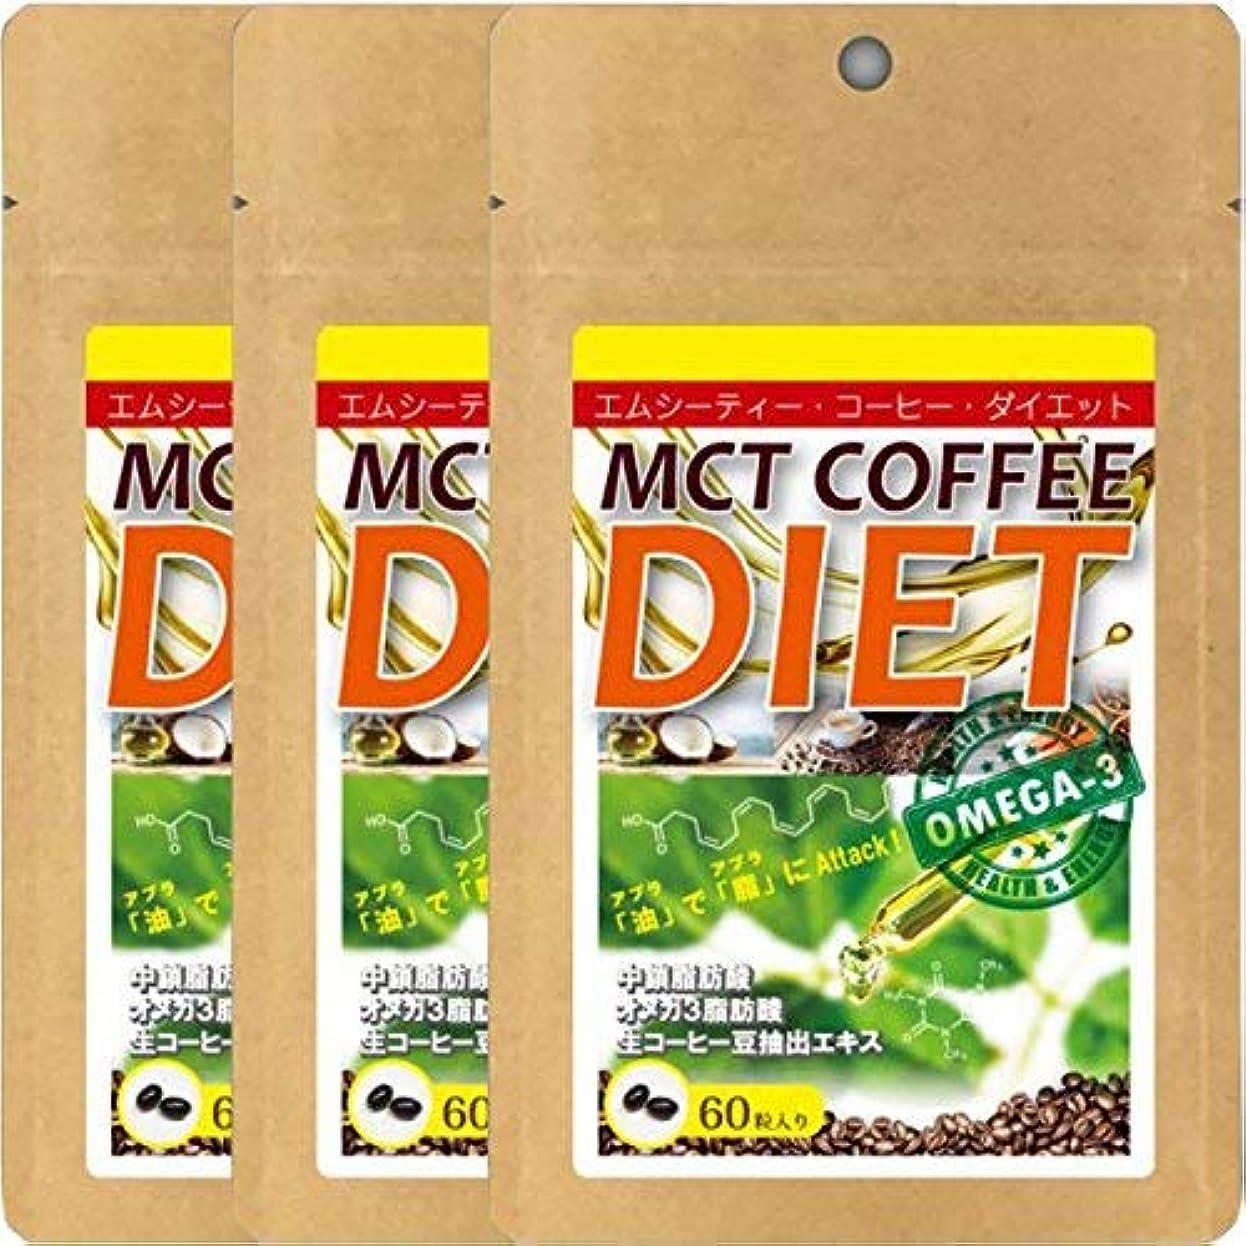 未就学印象失われた【MCTオイル】MCTコーヒーダイエット 3個セット 【10% OFF !! 】 60カプセル入り